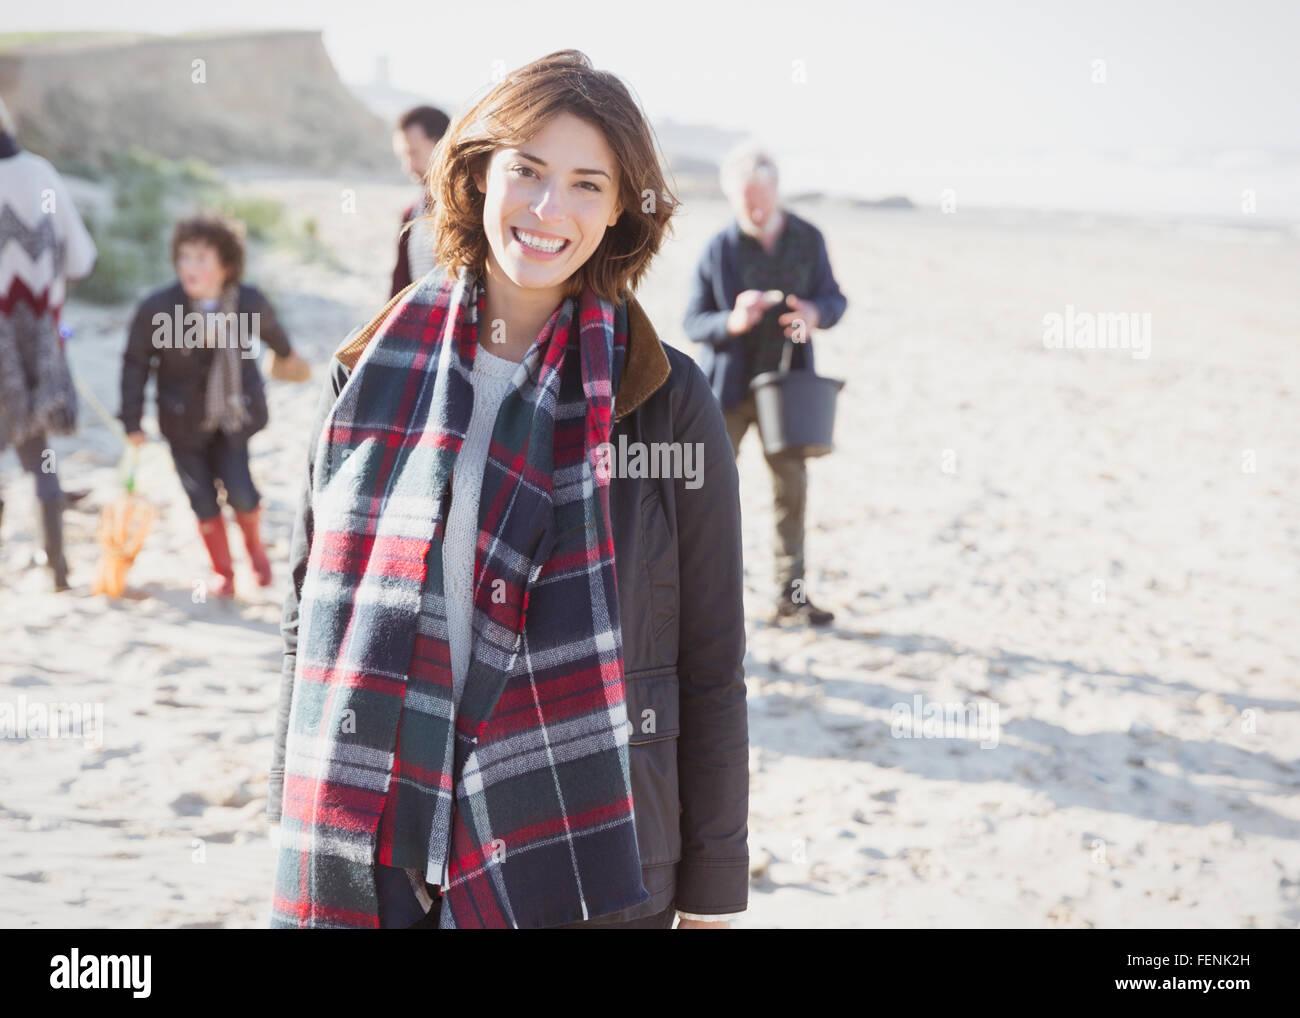 Lächelnde Frau Porträt in karierten Schal mit der Familie am Strand Stockbild